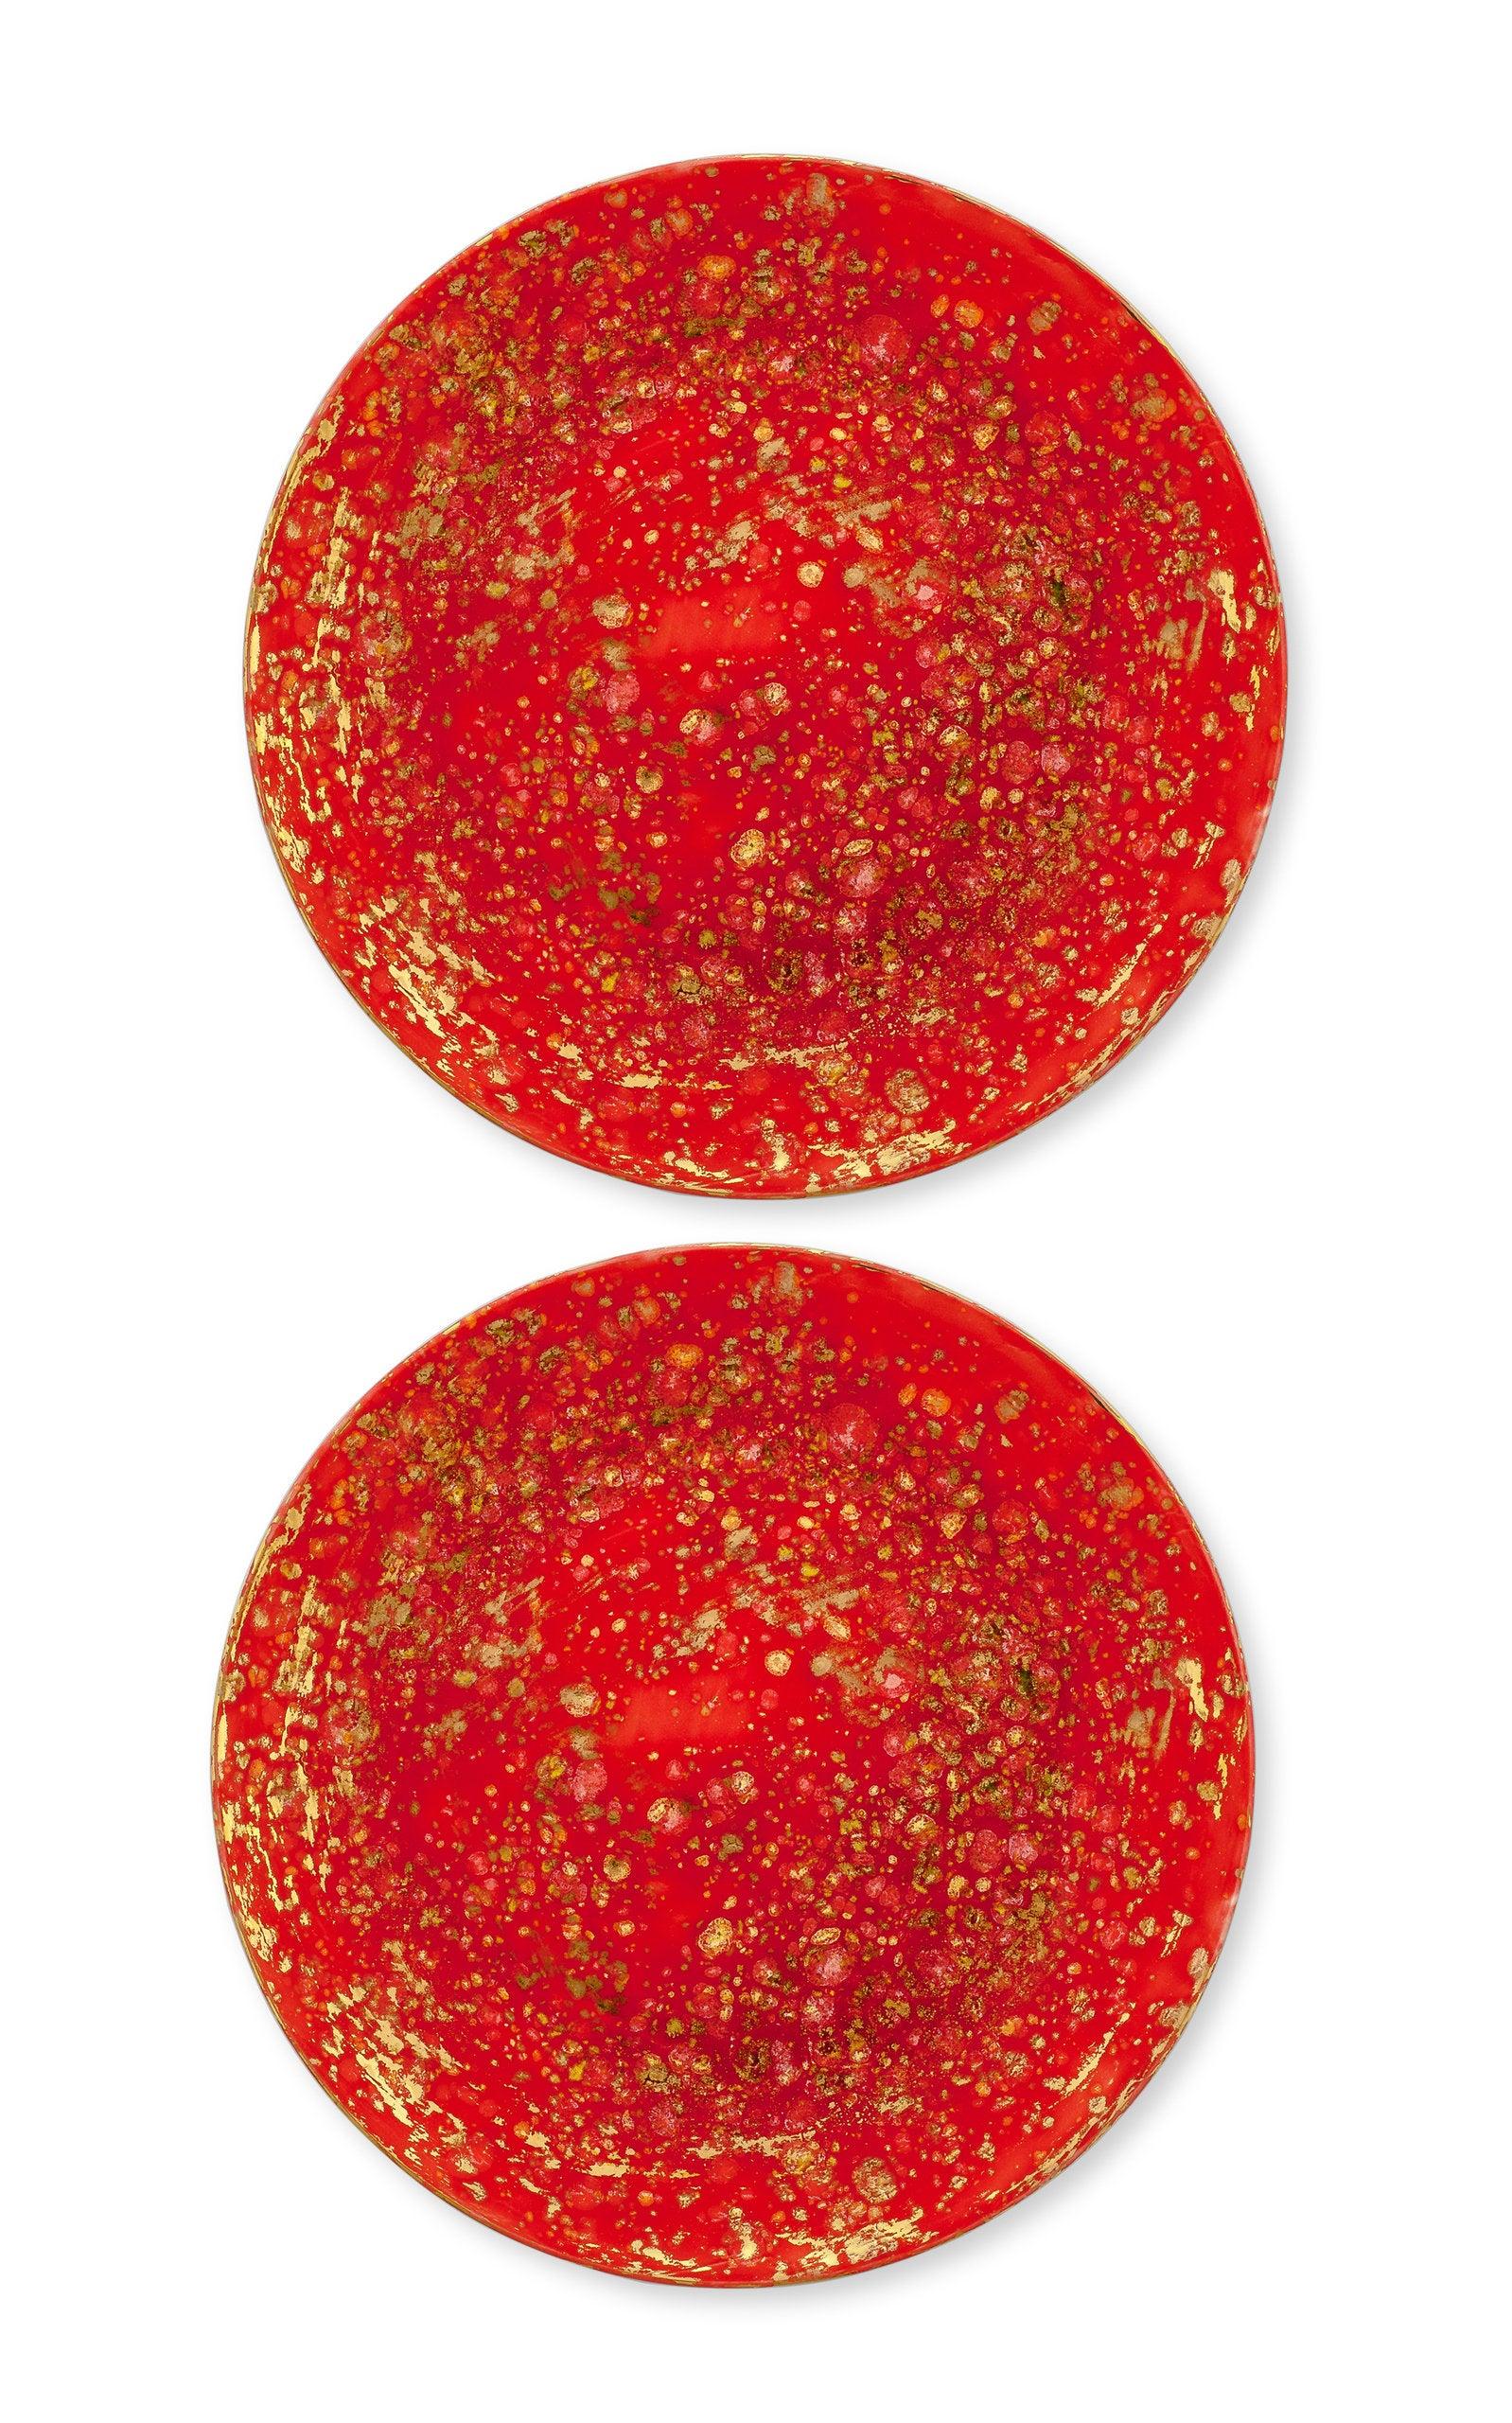 large_coralla-maiuri-red-set-of-2-dessert-coupe-plate-red-scipione